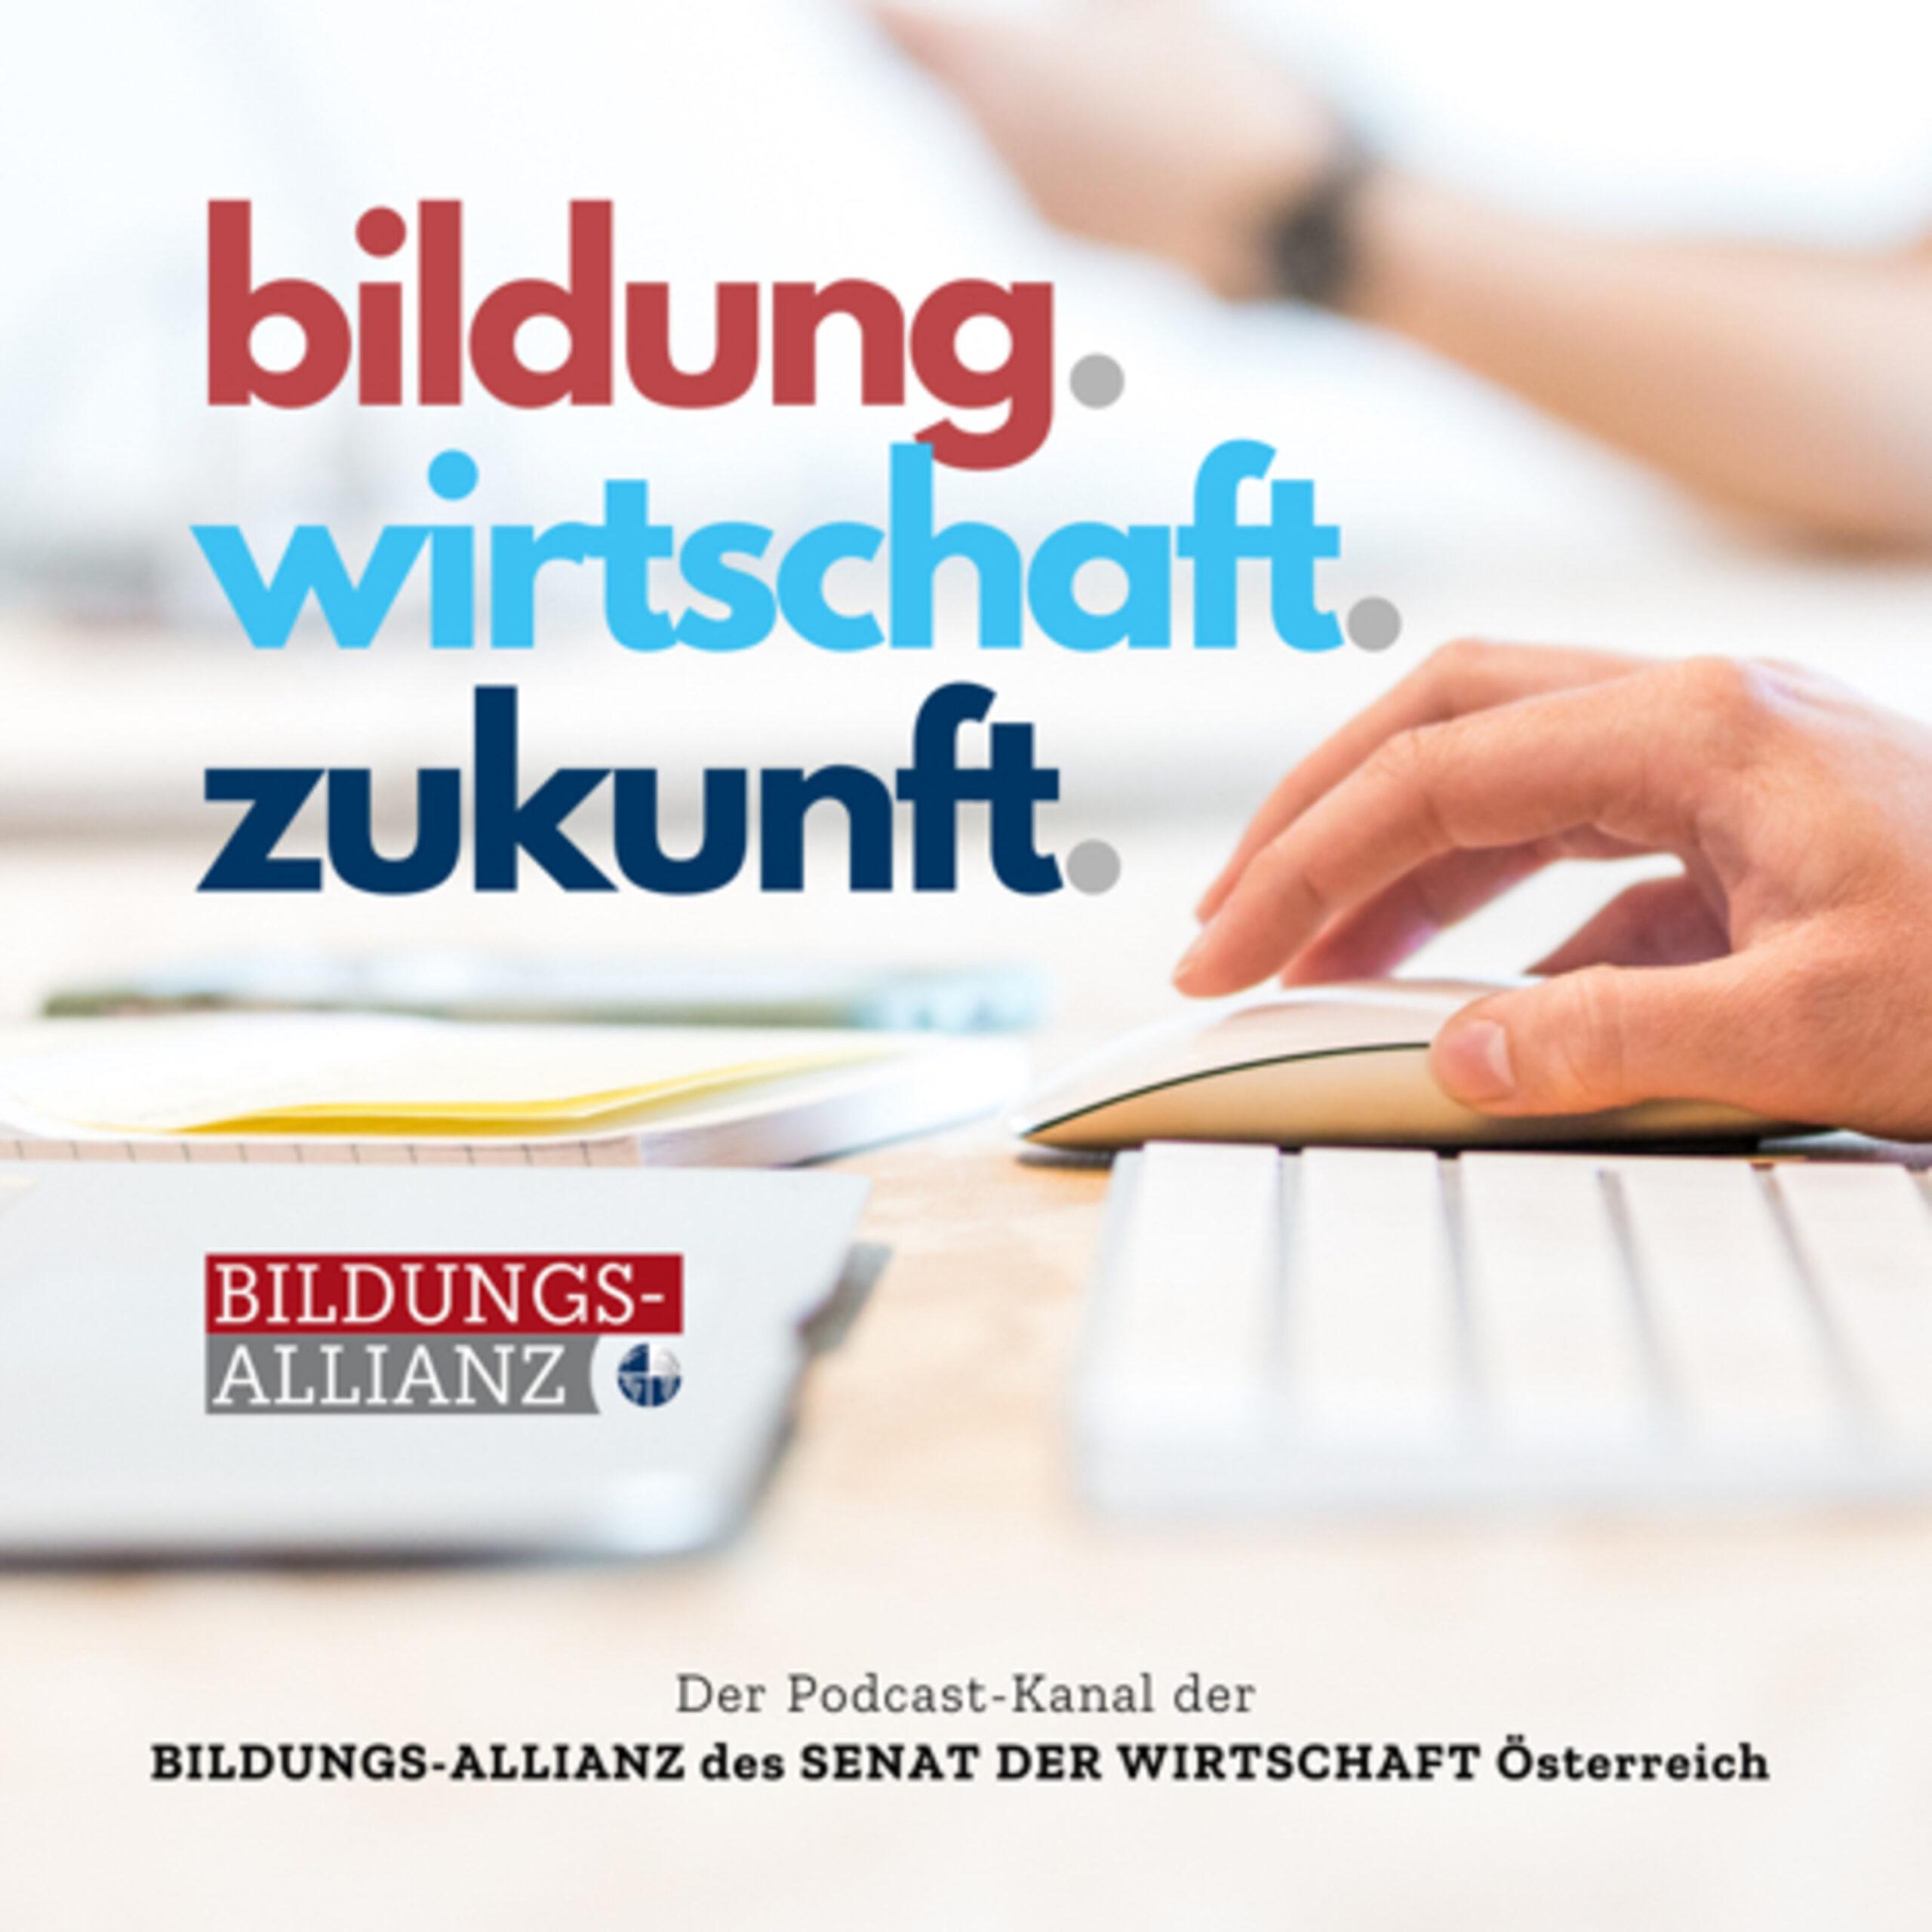 5: BWZ005 – Mitschnitt des lehrlingsPOWERtalks mit Rudi Bauer vom 24.06.2021